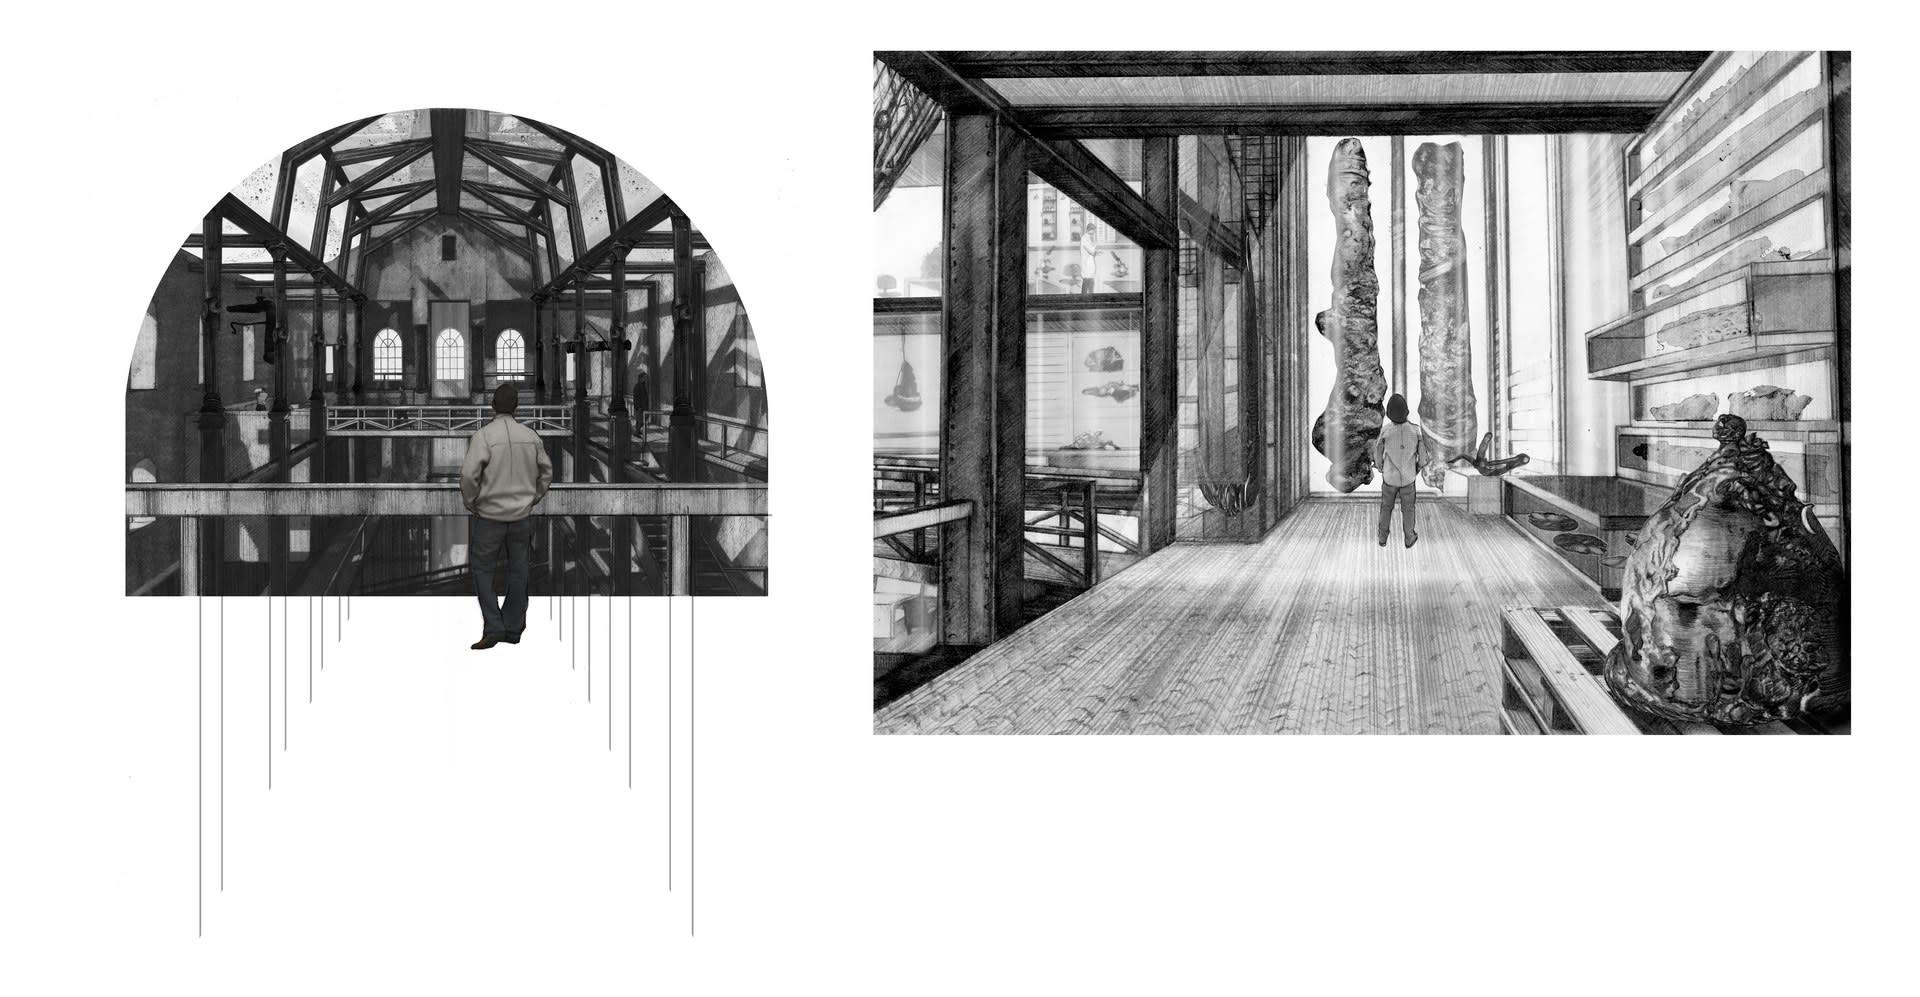 Viewing Gallery // Subterranean Exhibition